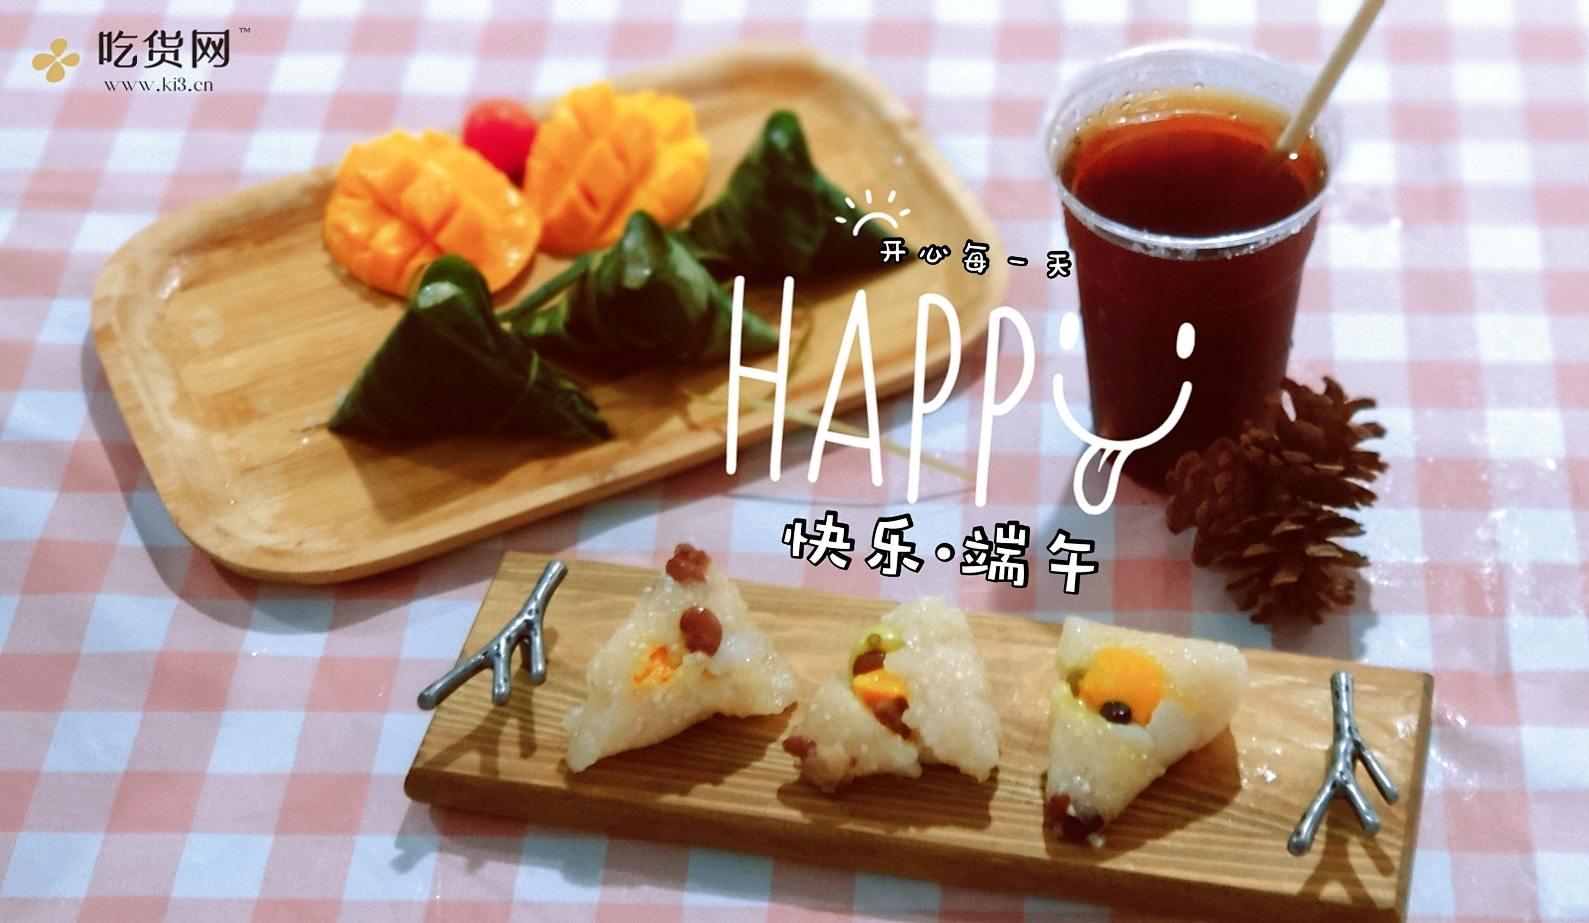 鲜果水晶粽ー用30分钟仪式感满满呈现的做法 步骤9